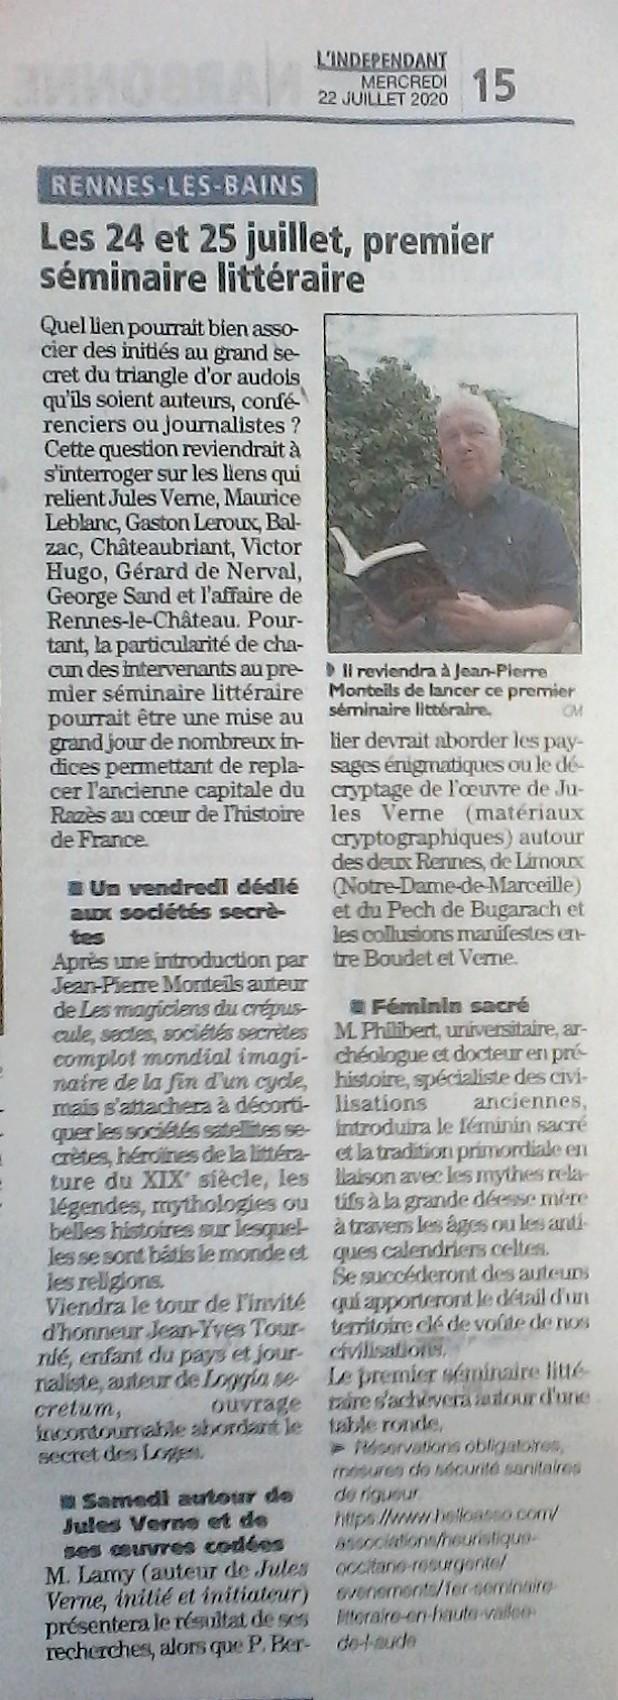 Article de Cathy Mercier de l'Indépendant sur le 1er séminaire littéraire Le Cercle des auteurs initiés & le Secret du triangle audois à Rennes-les-Bains les 24 & 25 juillet 2020 !